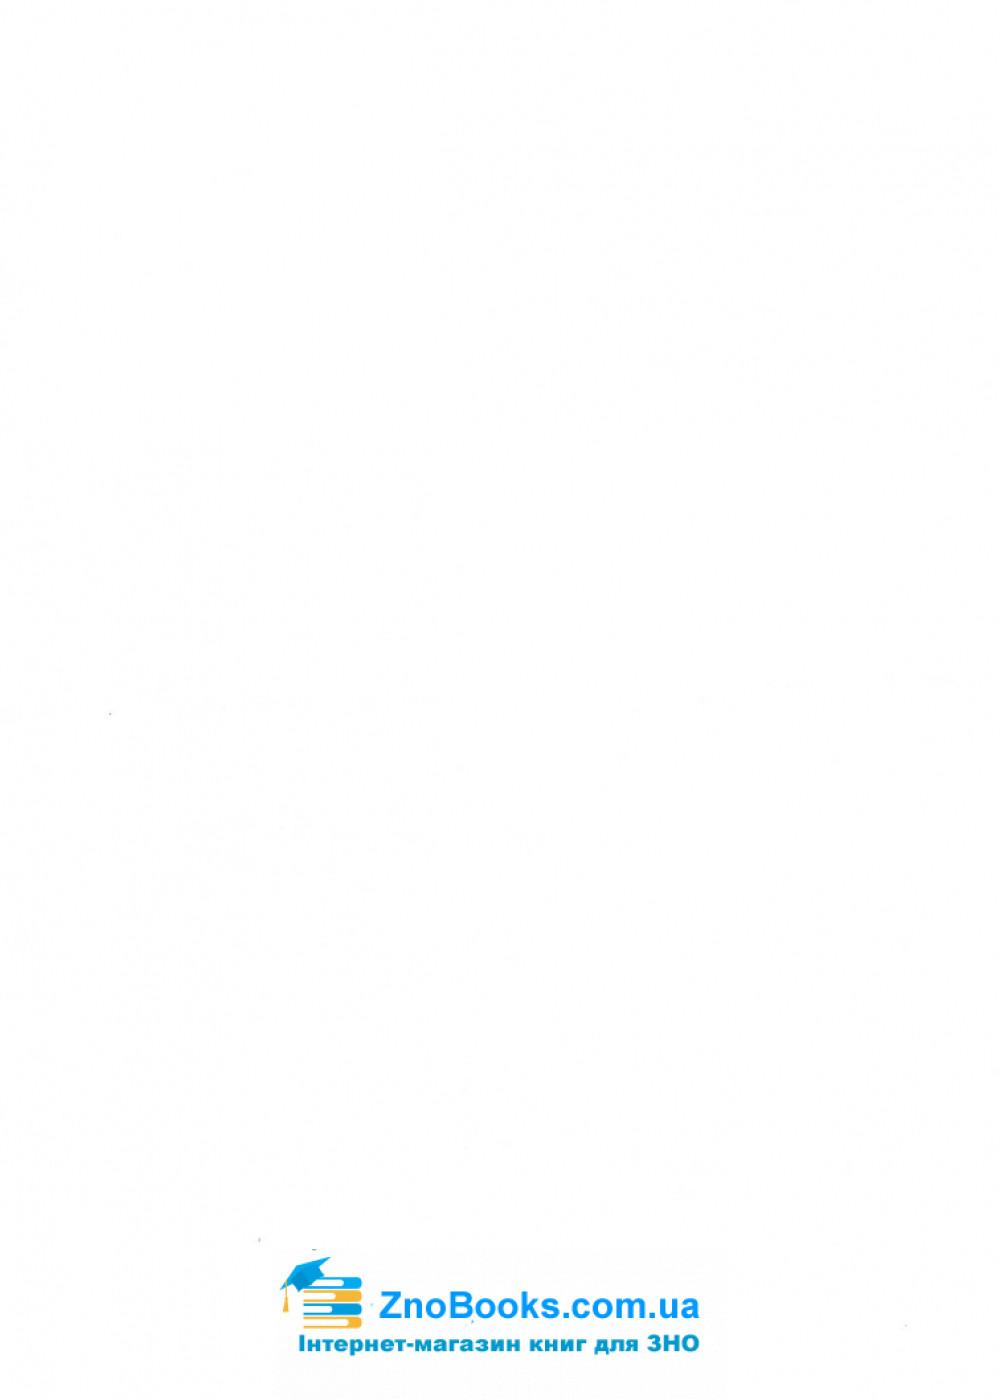 Ганаба С.  Історія України. Тести для перевірки компетентності. Підготовка до ЗНО 2022. Навчальна книга - Богдан 1